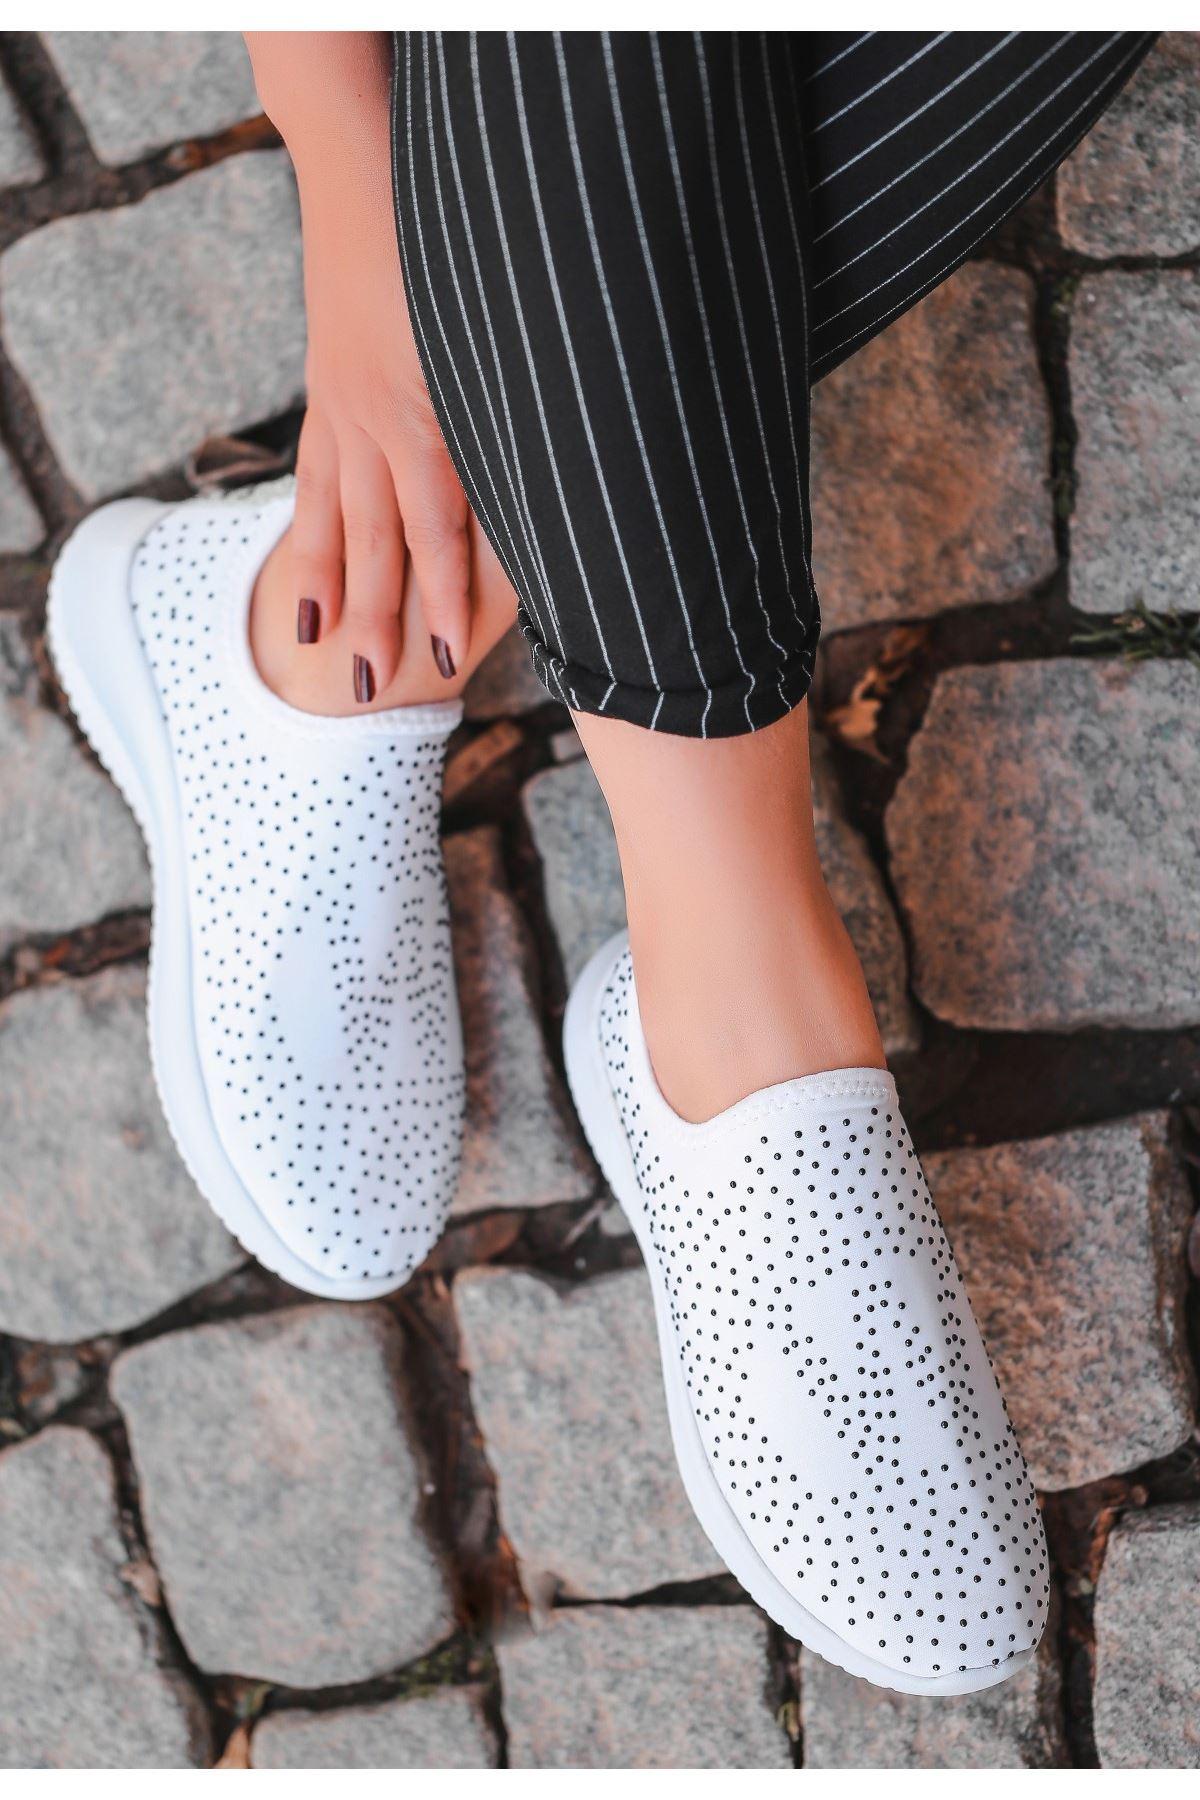 Stin Beyaz Siyah Boncuk İşlemeli Spor Ayakkabı